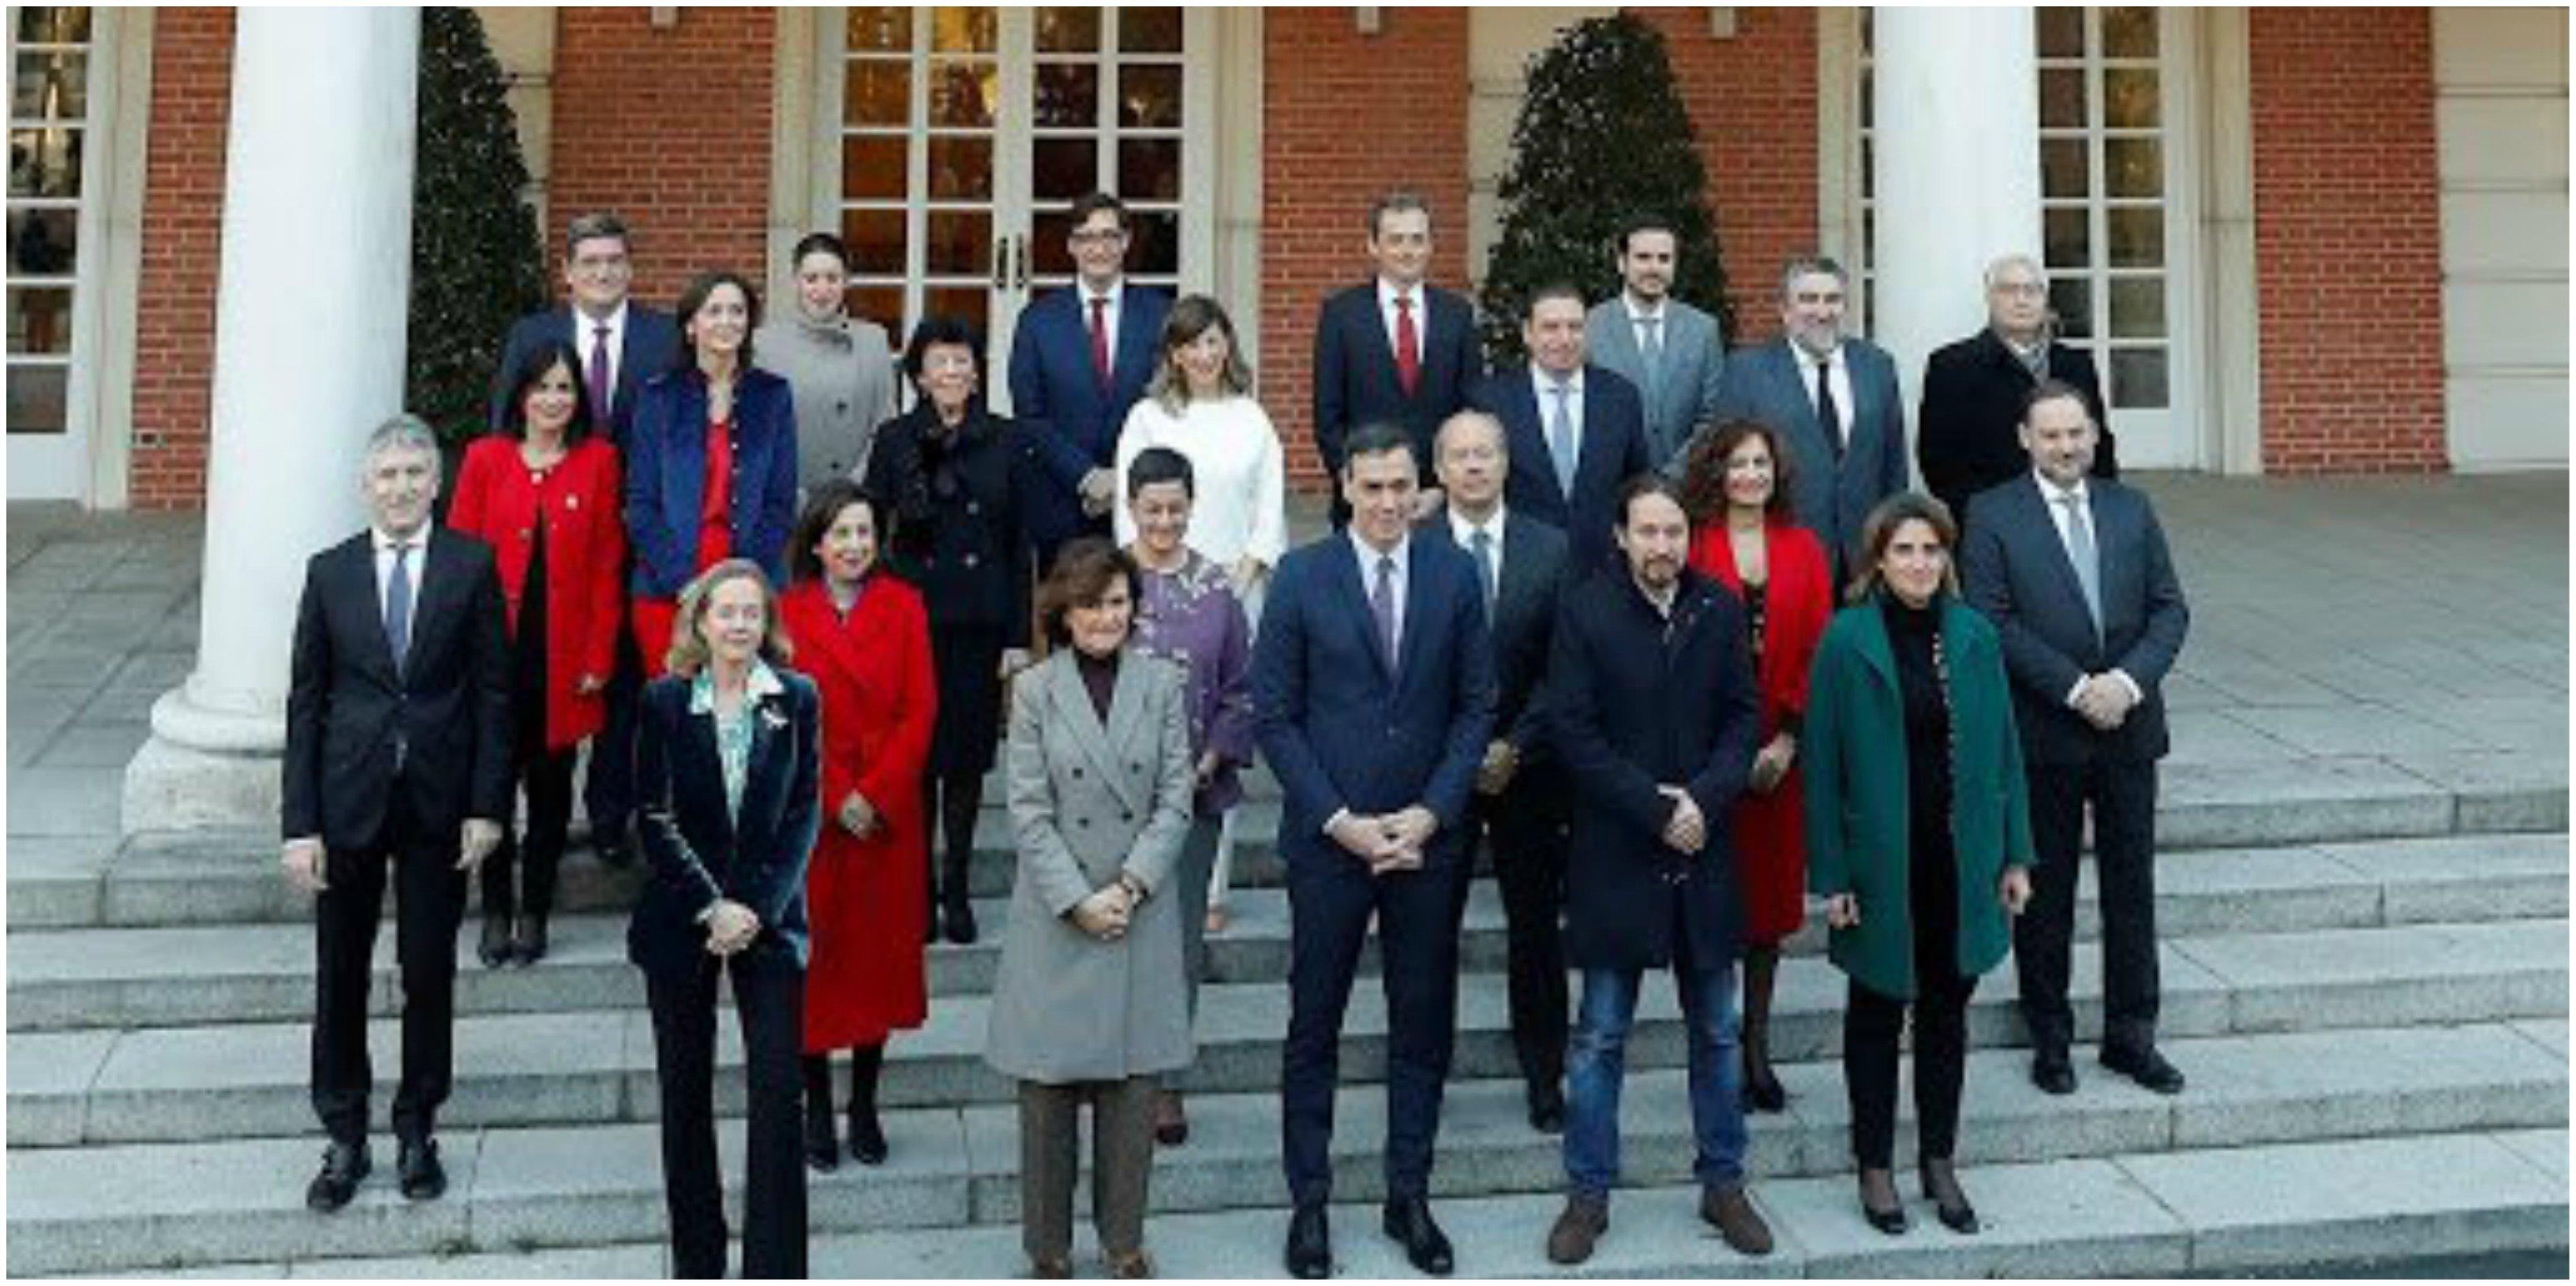 Primera manifestación virtual contra Sánchez: con razón el Gobierno quiere imponer la censura en las redes sociales